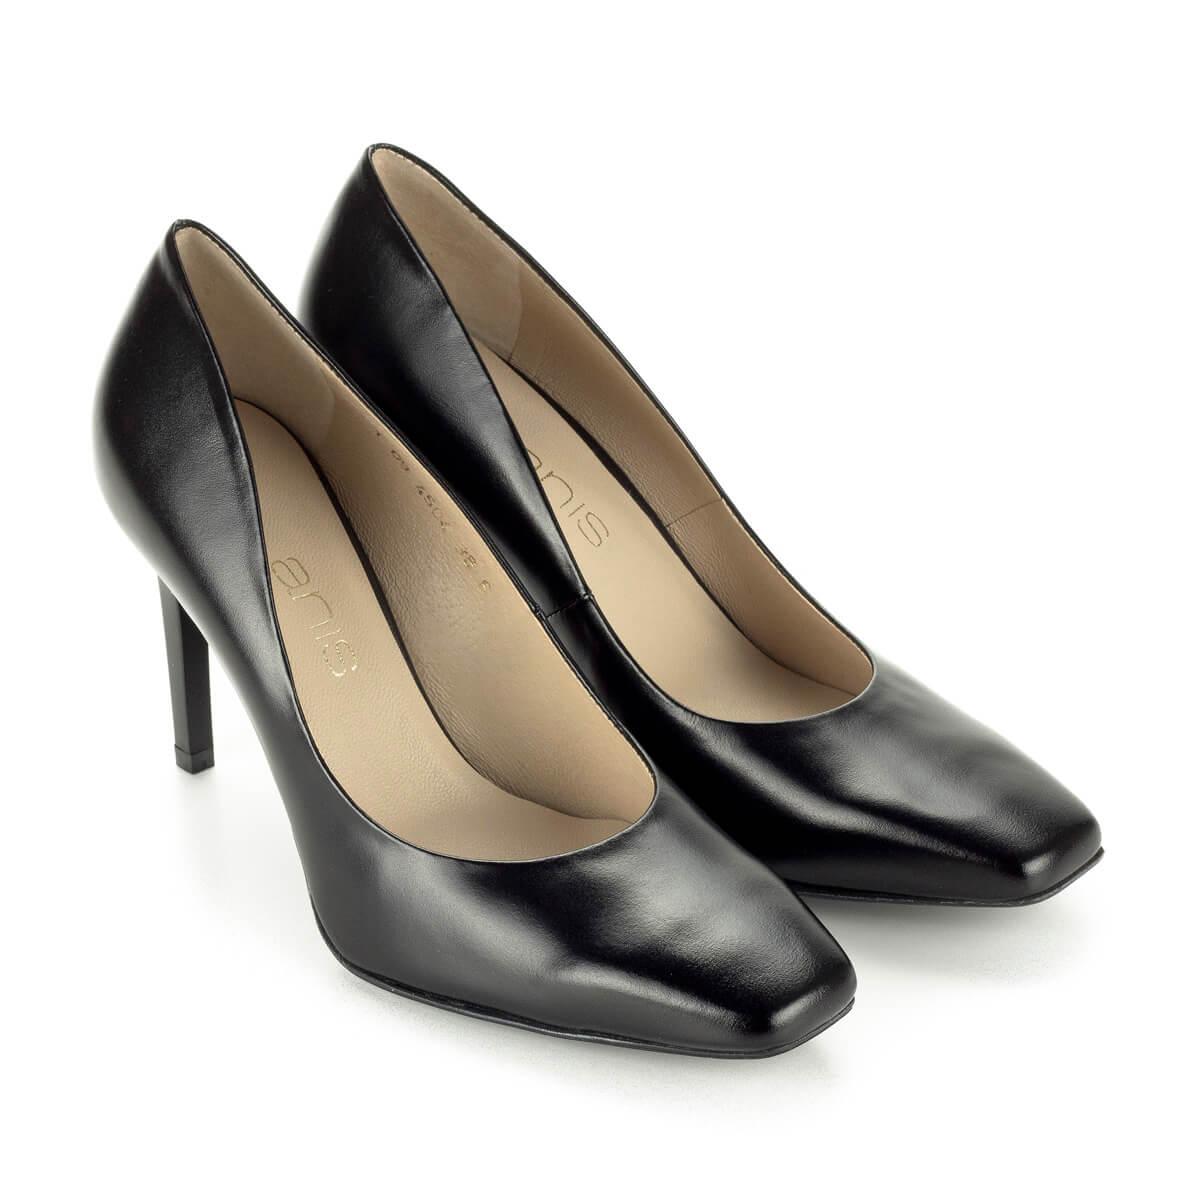 9a194a5625 Fekete Anis cipő vágott orral, 9 cm magas sarokkal. Kívül-belül bőrből  készült ...